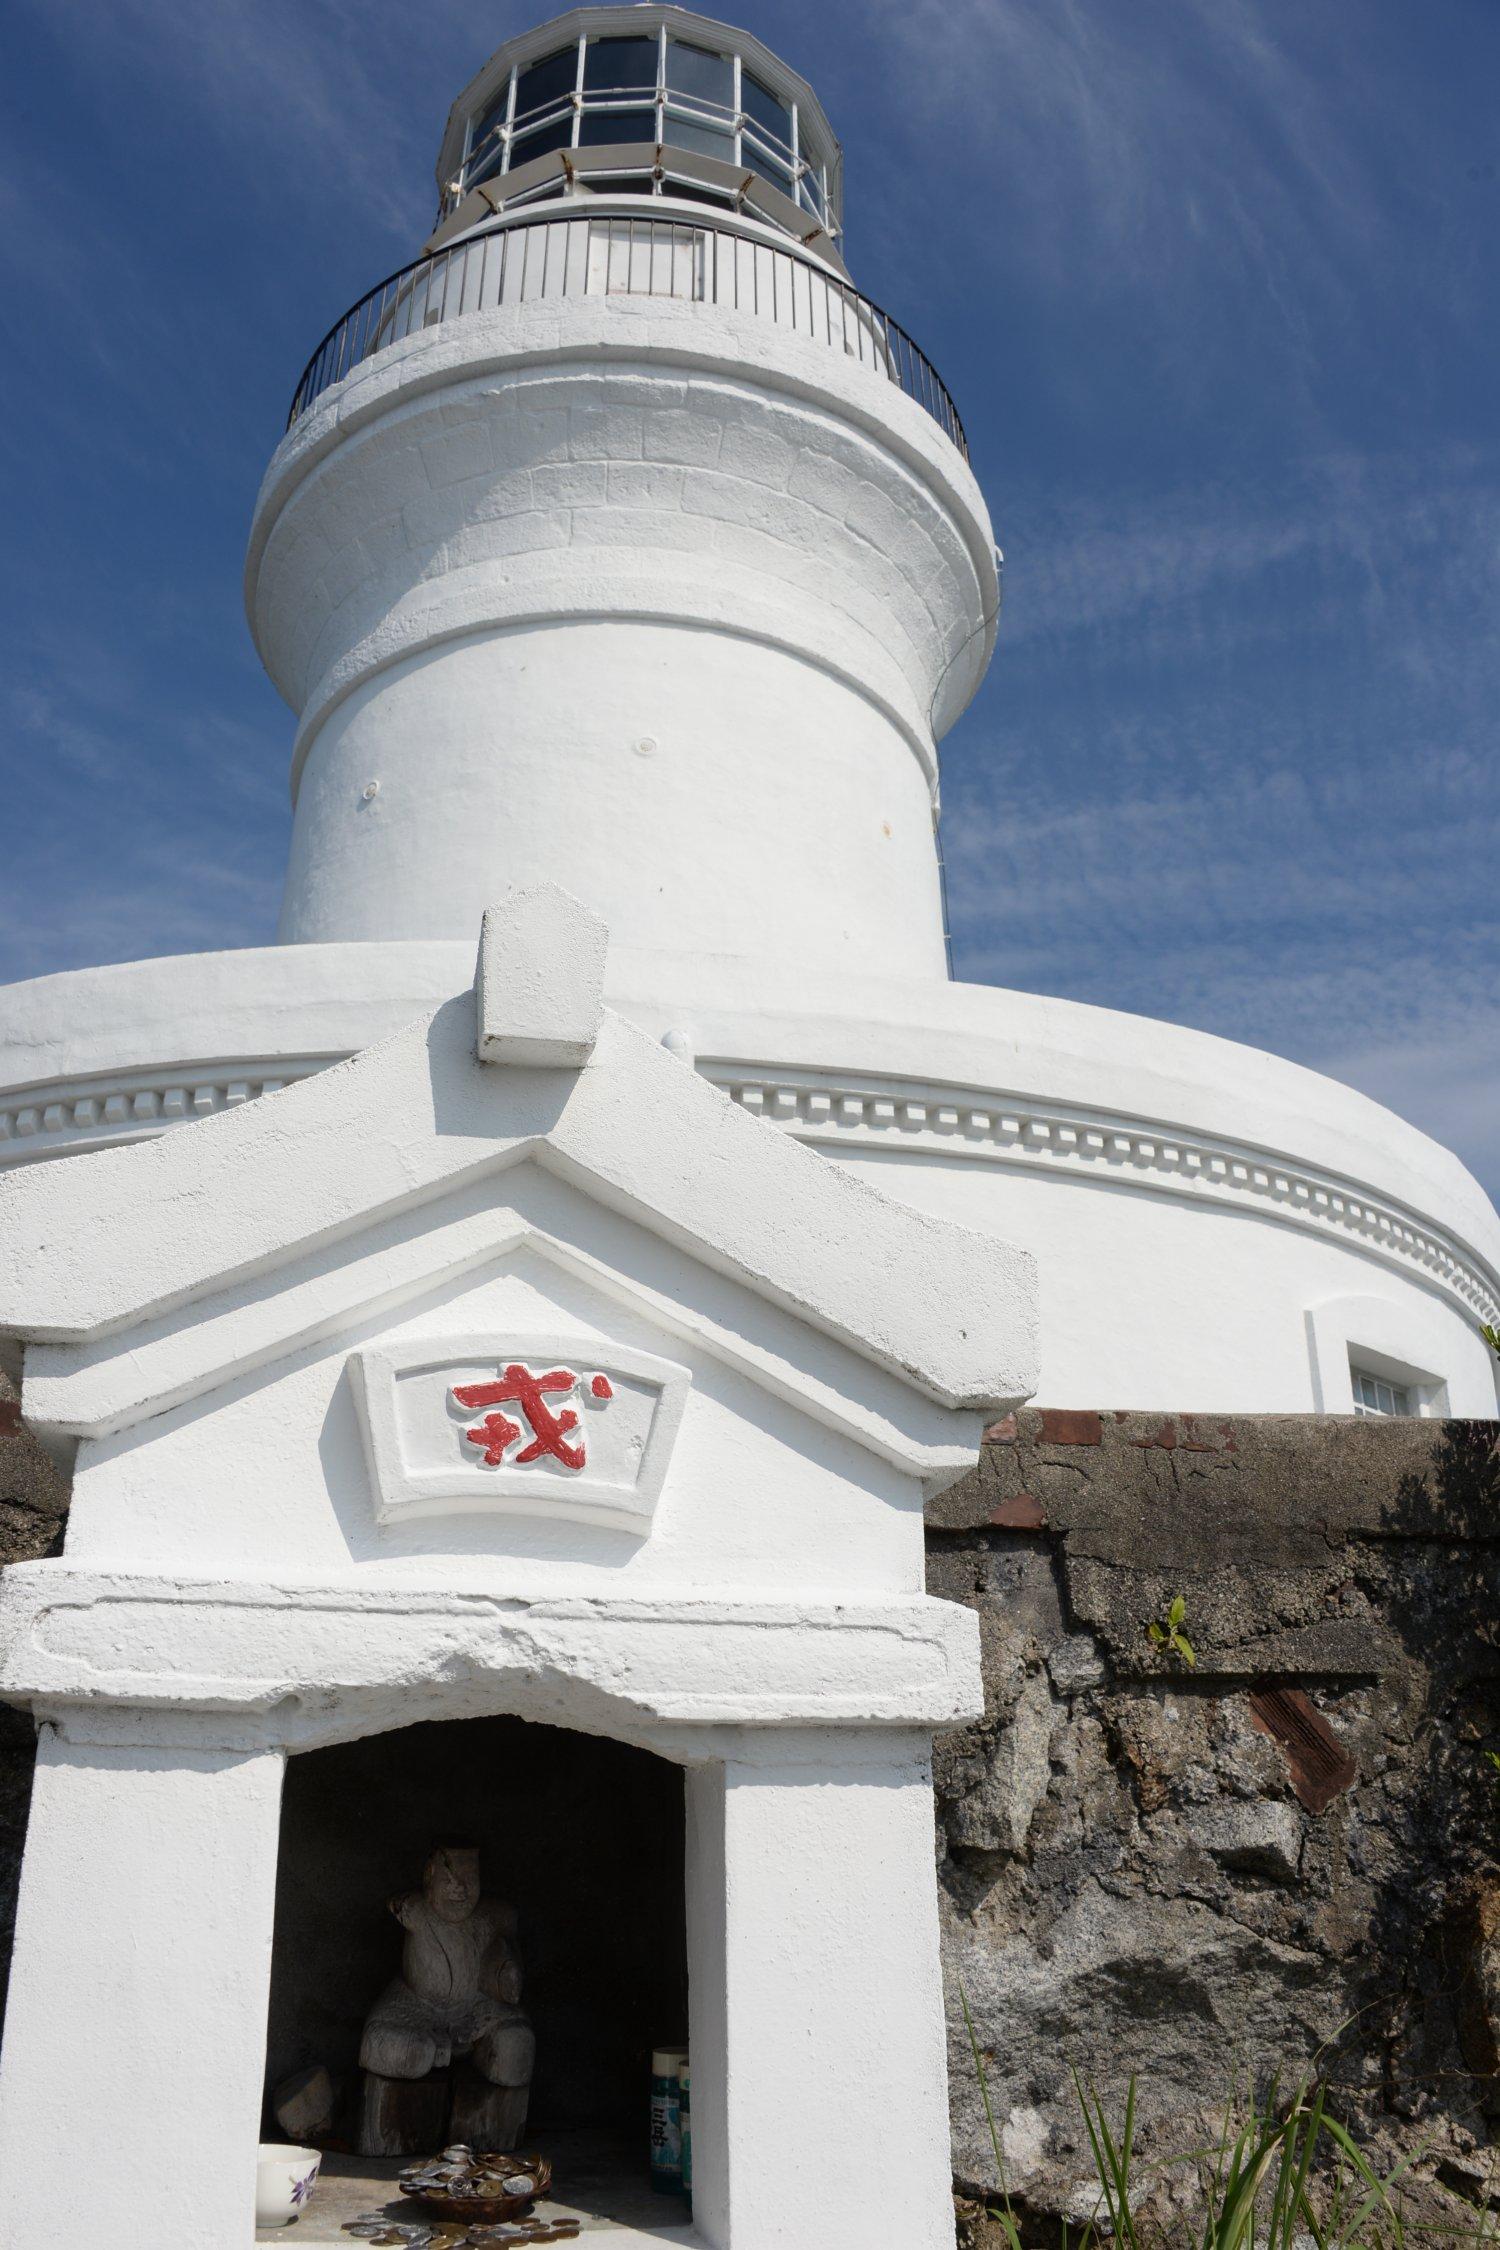 口永良部島を望む屋久島灯台の突端に鎮座する。ハシゴで塀を越えて参る、意外な立地に驚く。